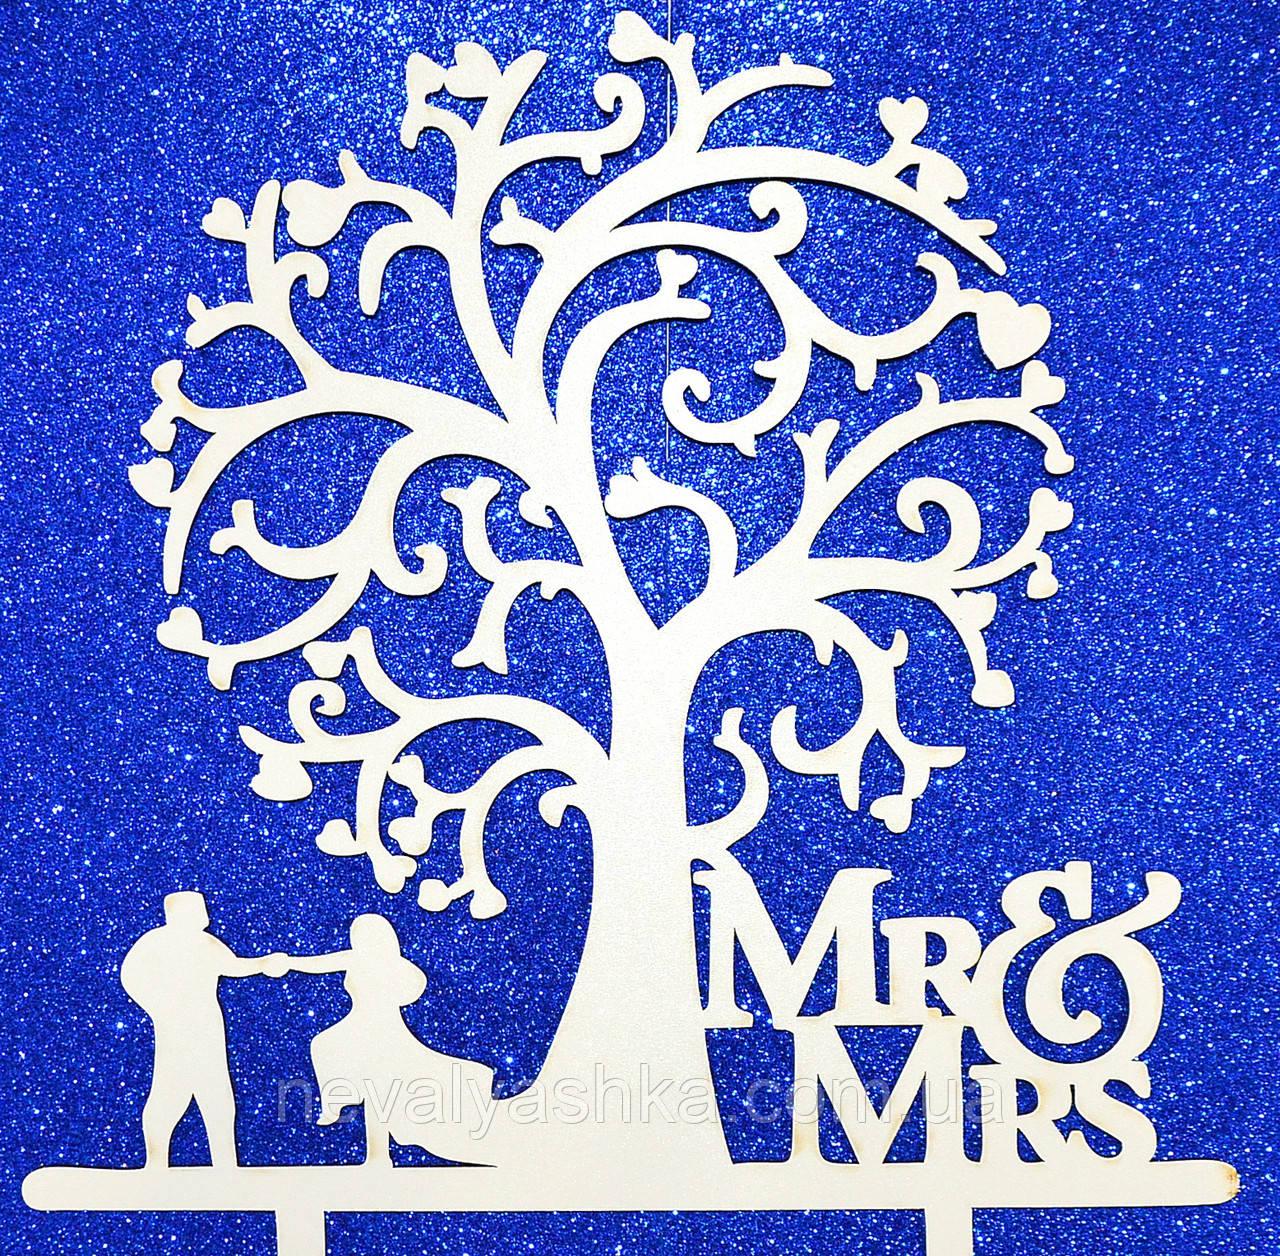 ТОППЕР БОЛЬШОЙ СВАДЕБНЫЙ Свадьба Деревянный MR&MRS Дерево Мистер Миссис Топперы для Торта Топер дерев'яний